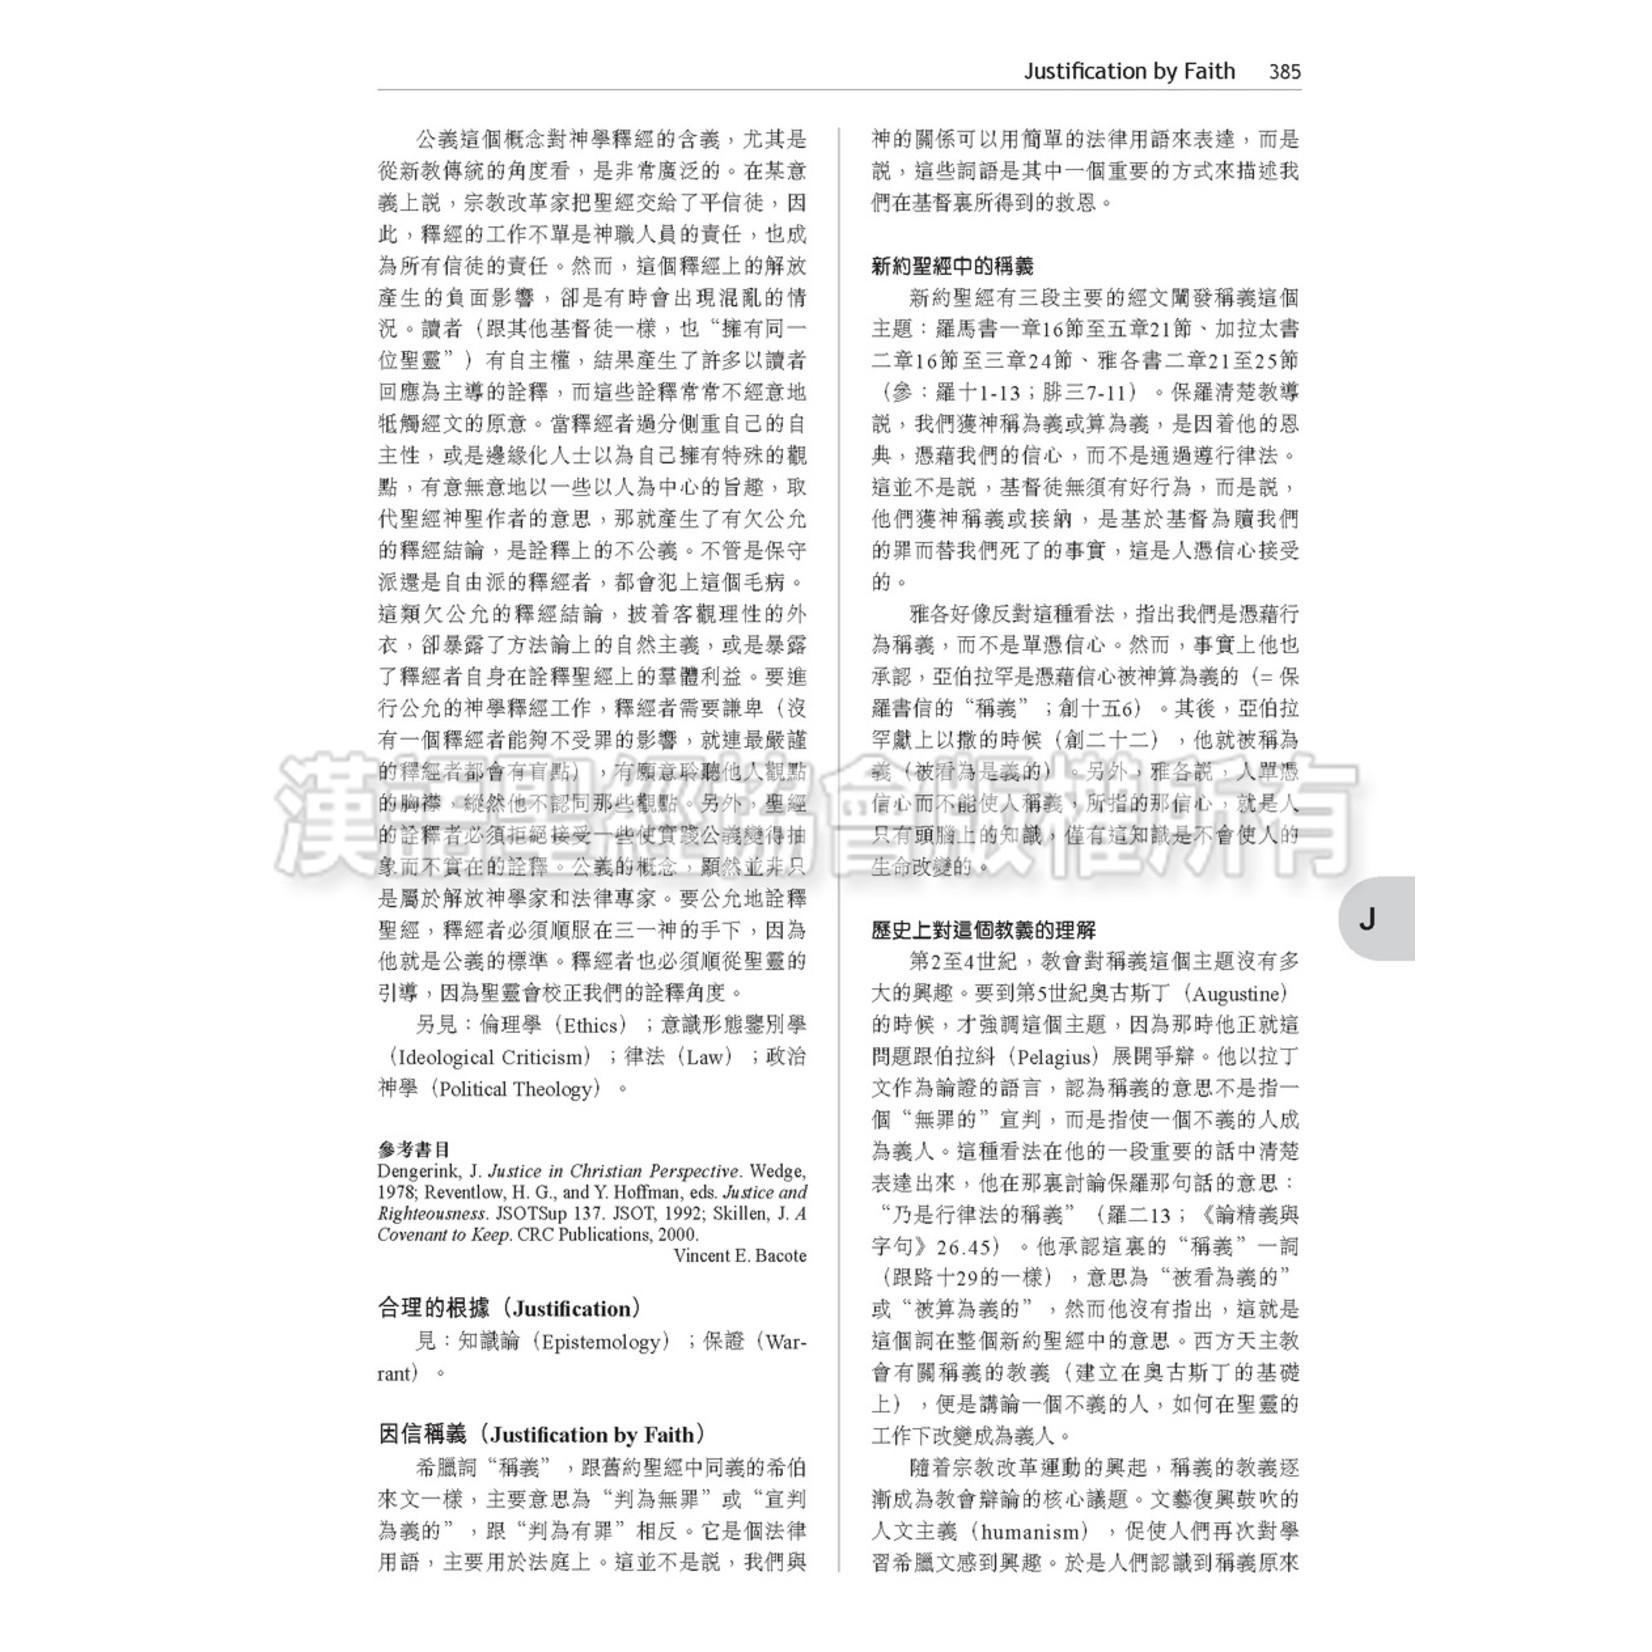 漢語聖經協會 Chinese Bible International 神學釋經詞典 Dictionary for Theological Interpretation of the Bible (DTI)